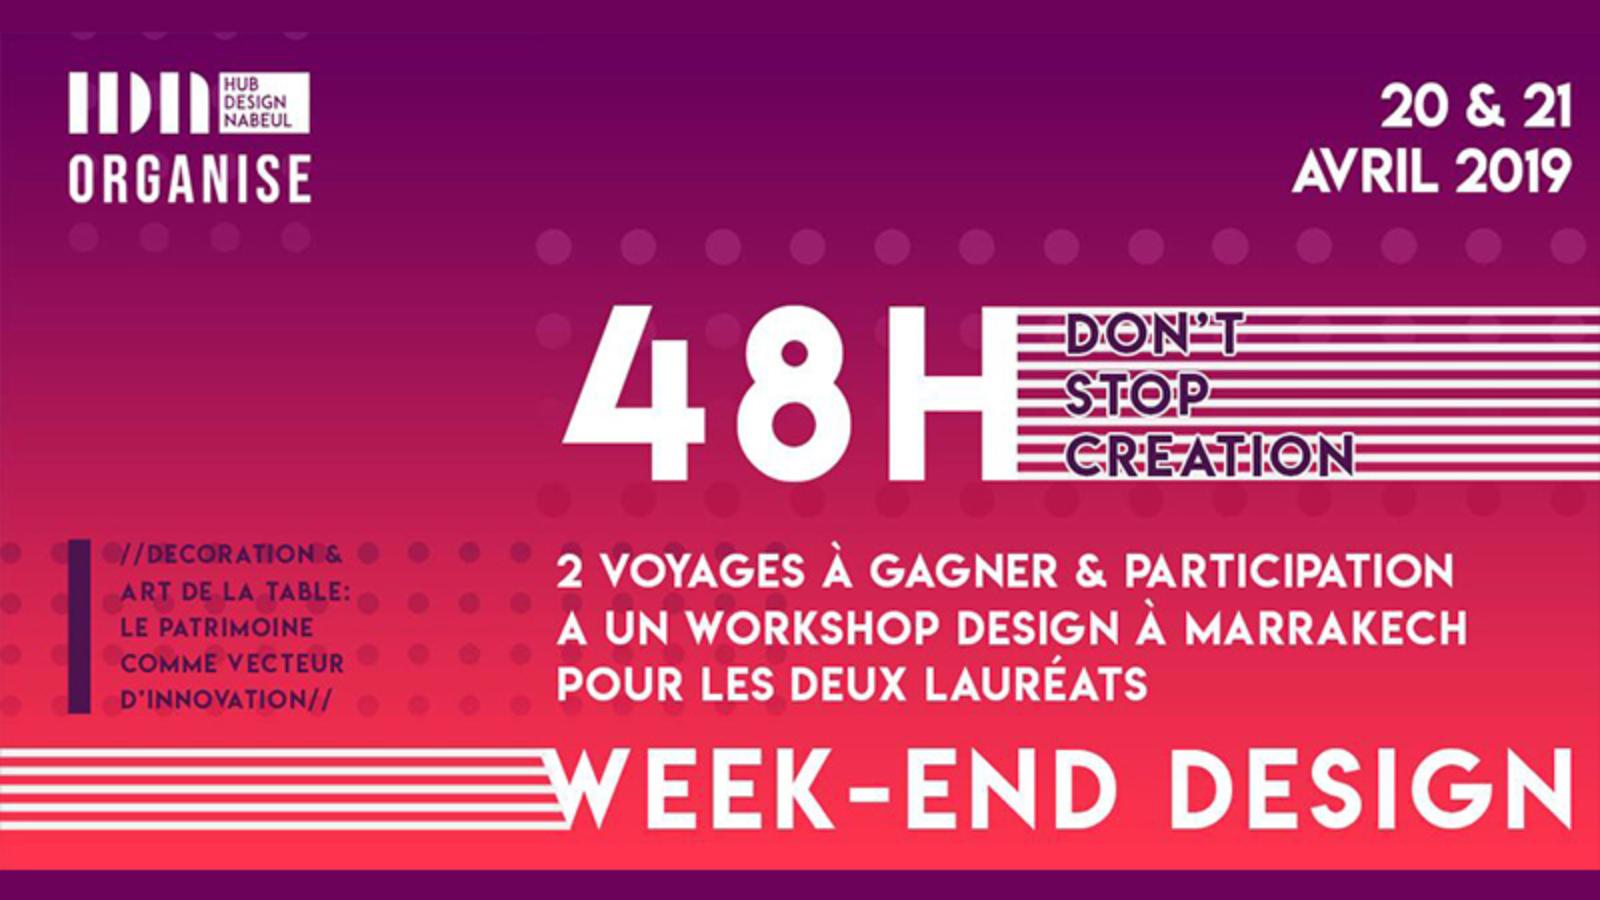 Concours-de-Design-48h-Don't-Stop-Creation